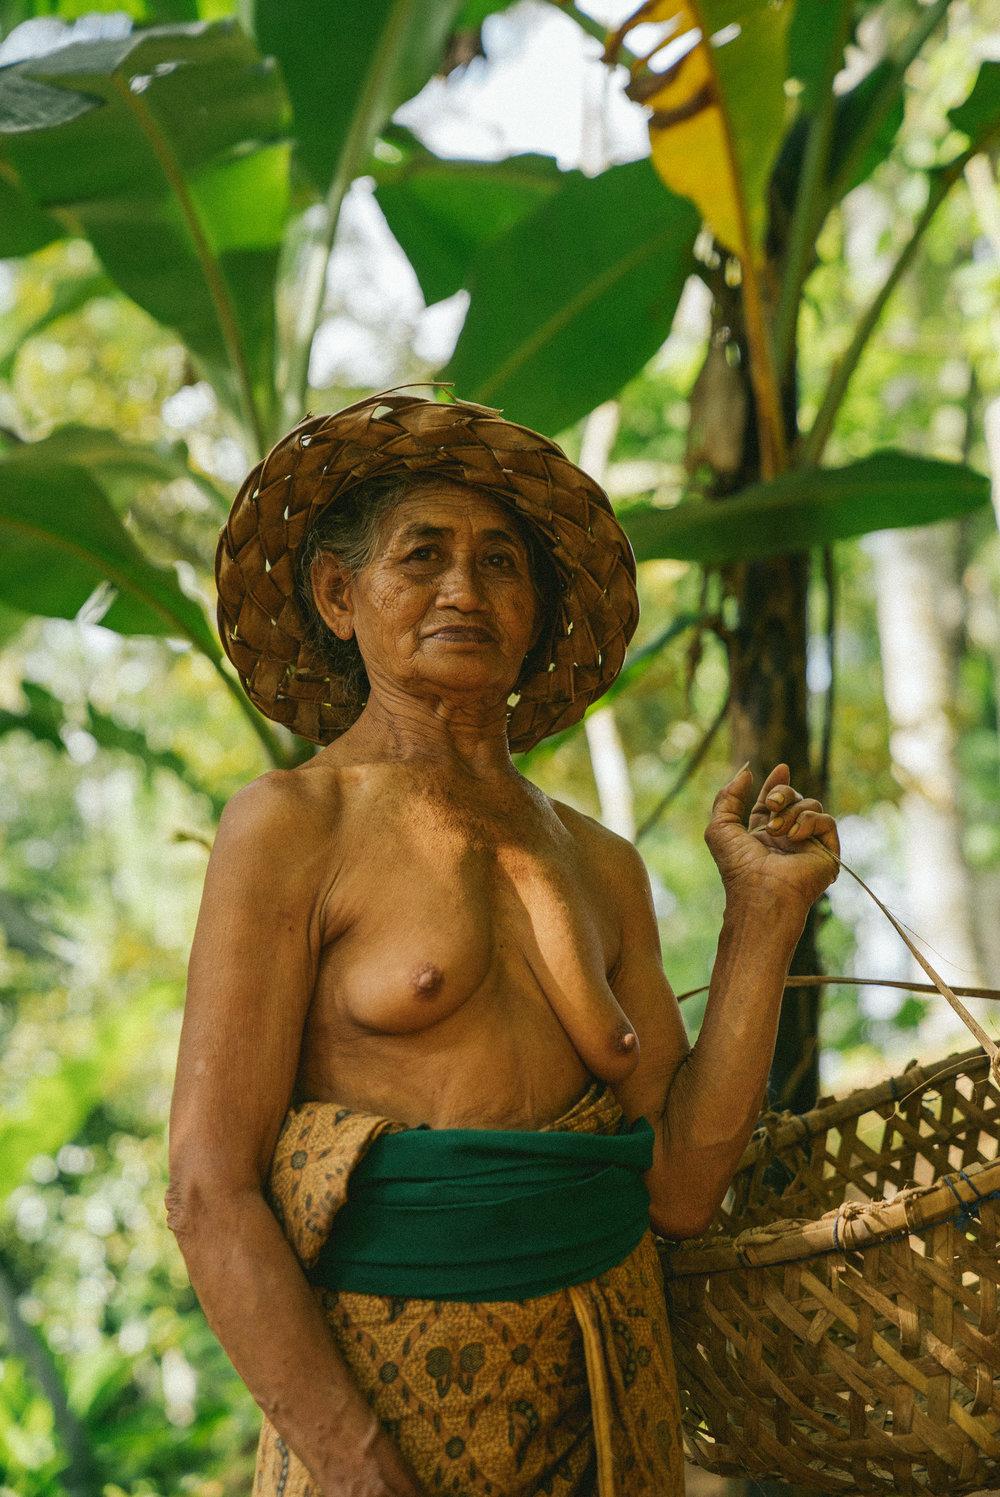 TEGALALANG: a senior rice paddy resident.